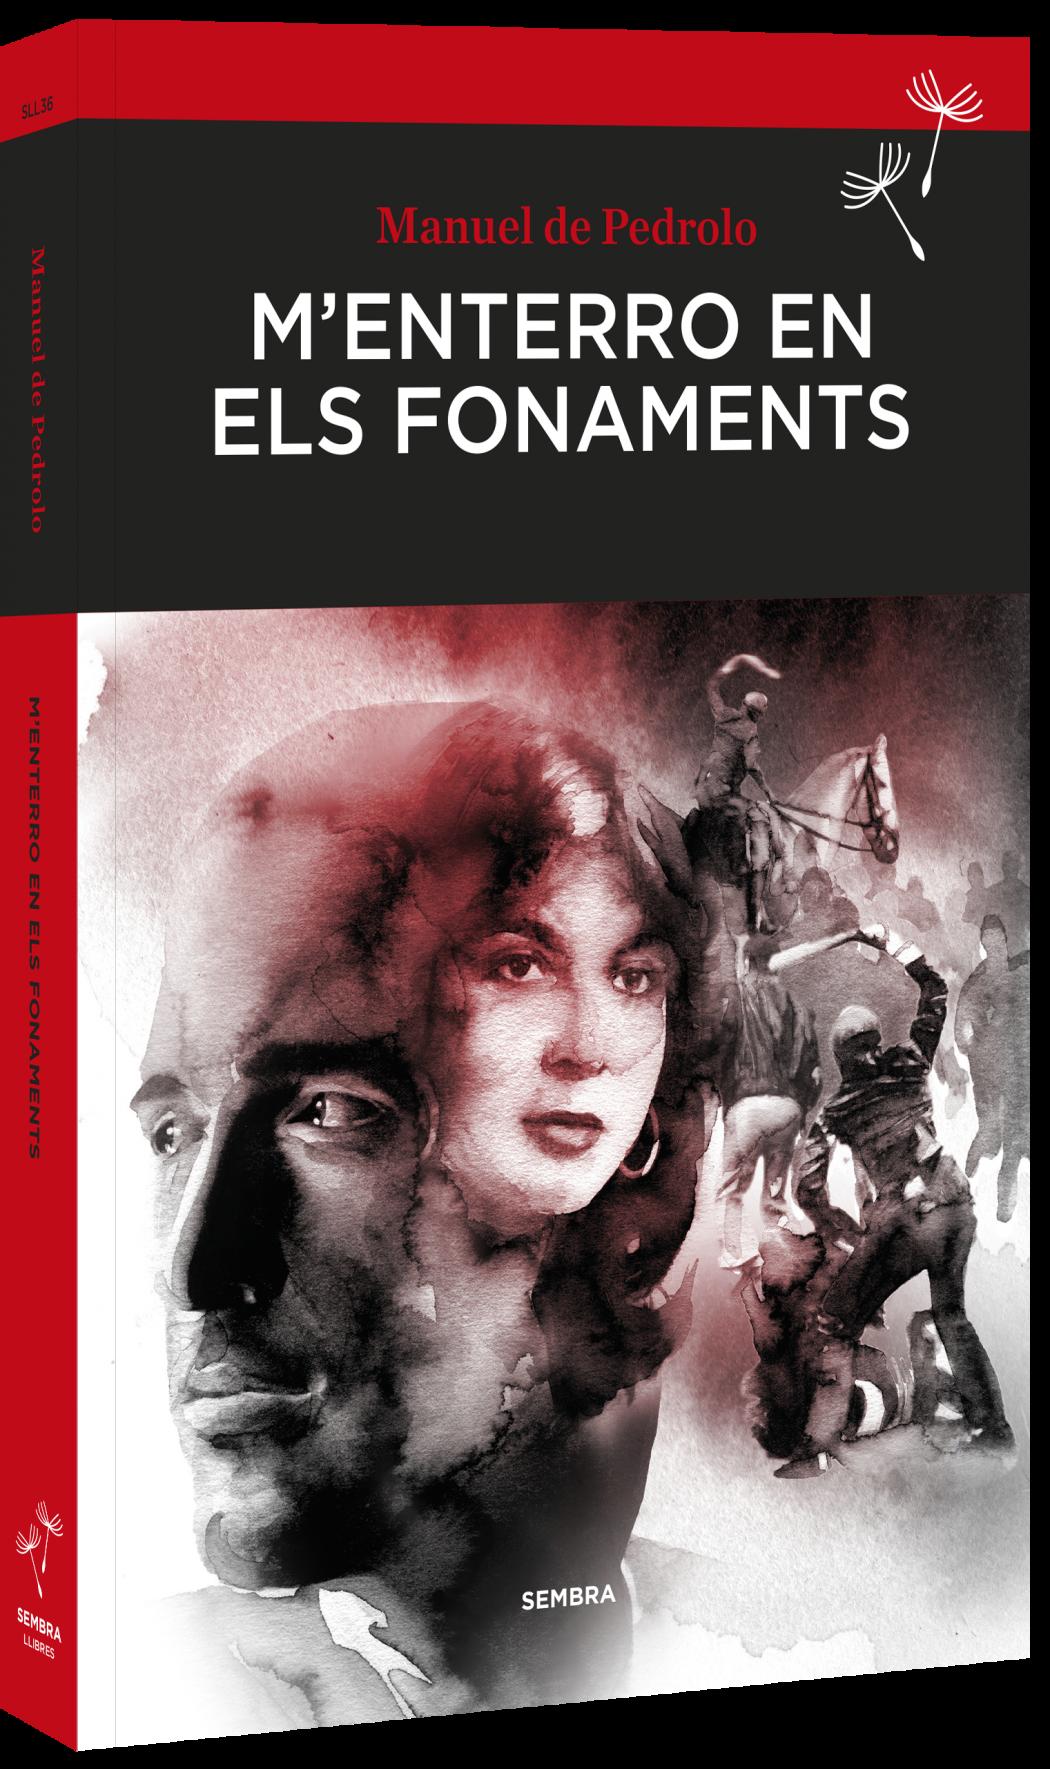 Una novel·la negra amb un marcat component polític, un clàssic de Manuel de Pedrolo.